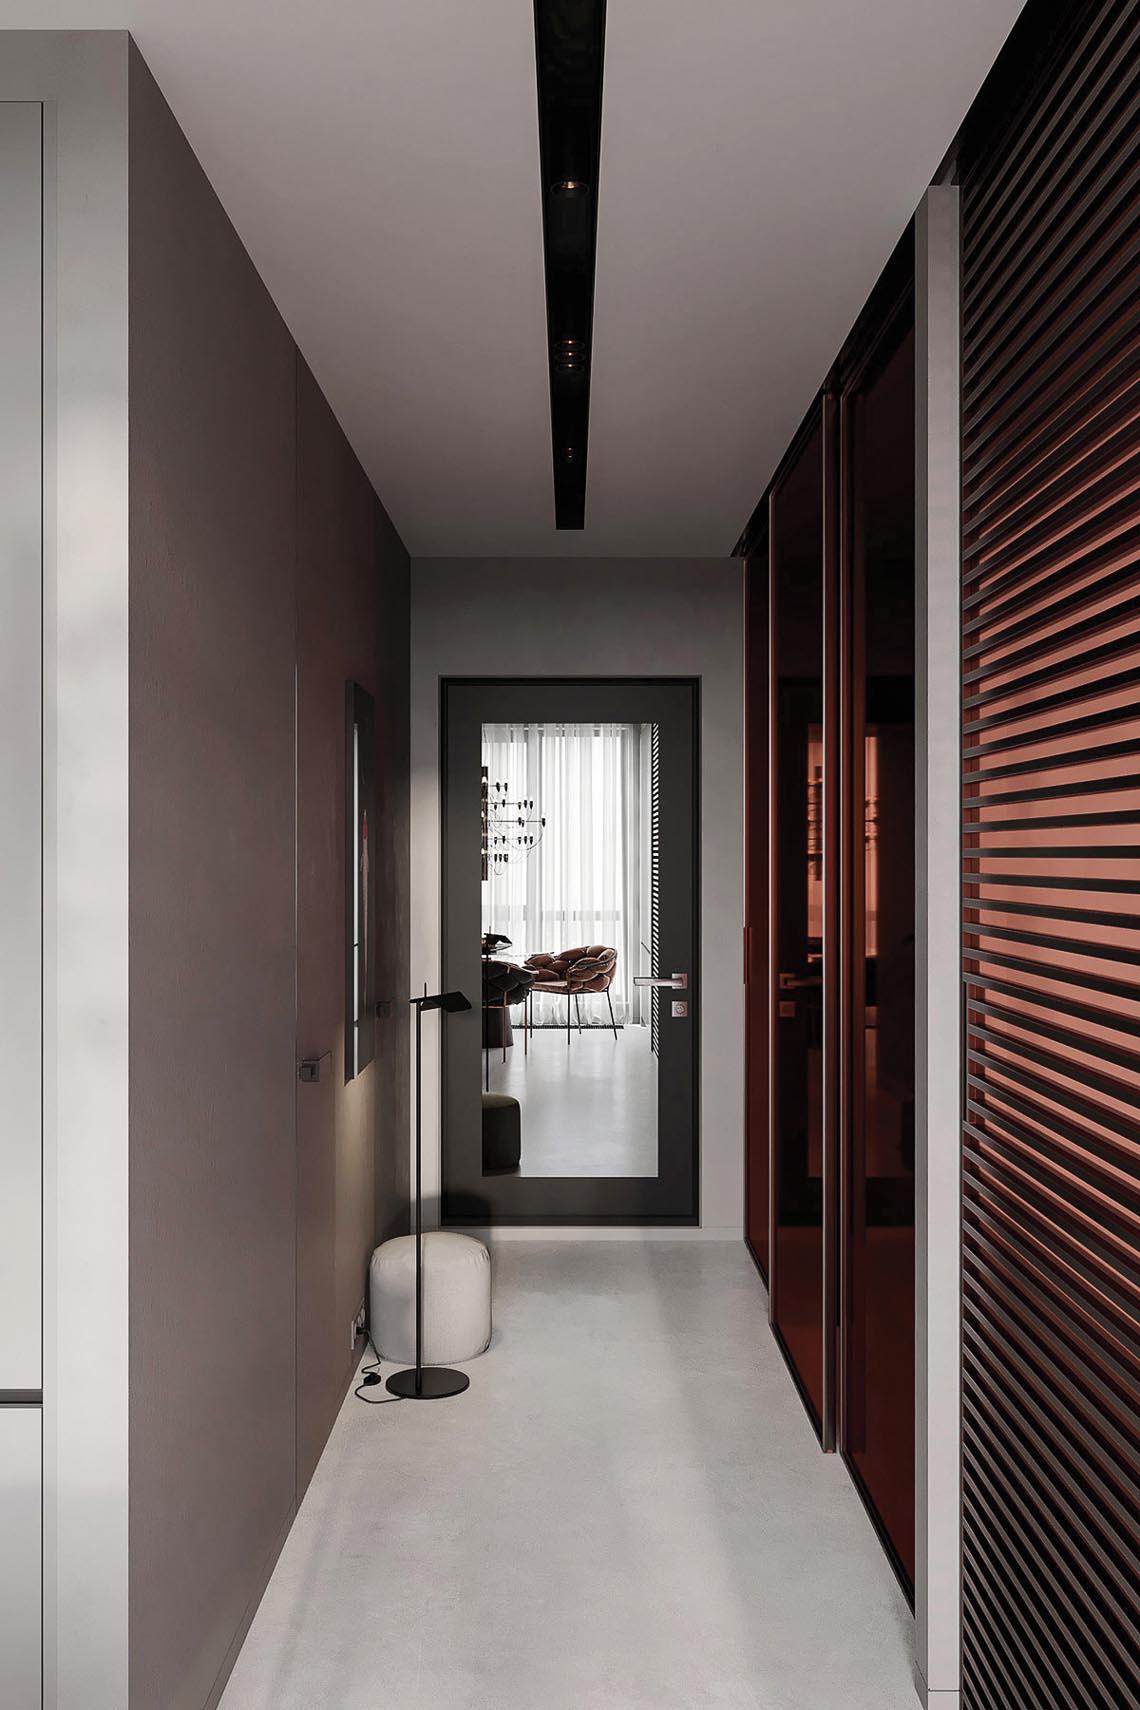 Thiết kế nội thất hiện đại với tông màu đỏ và xám theo phong cách Nhật Bản-31